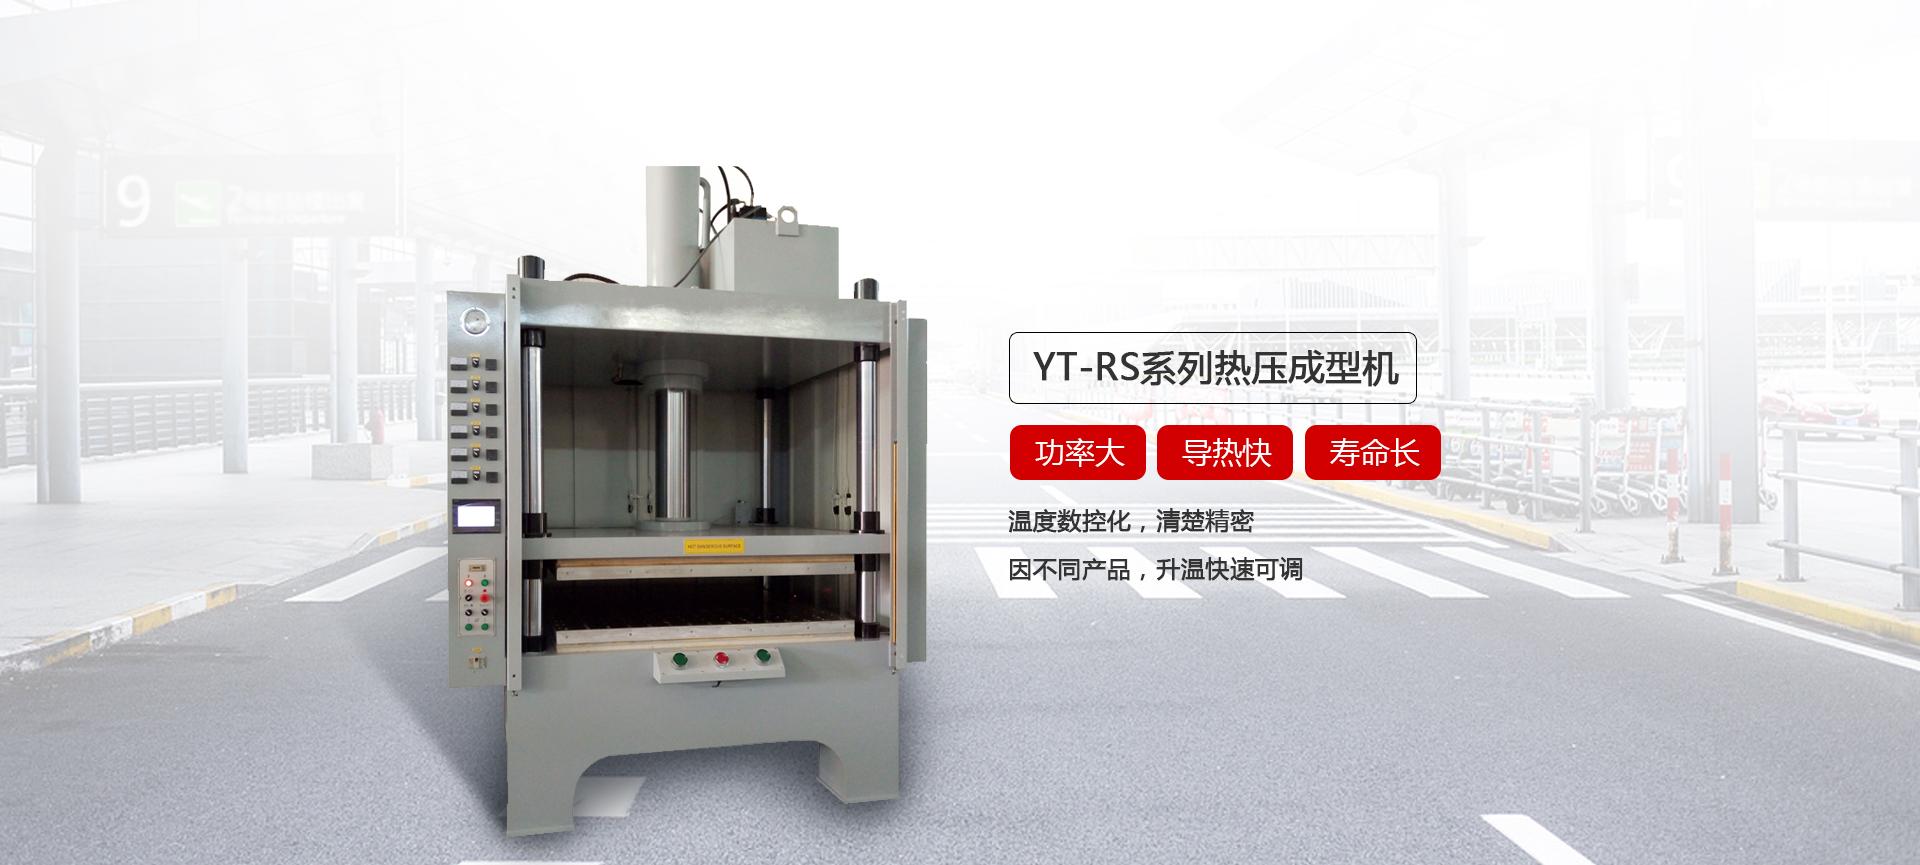 200噸單層熱壓機